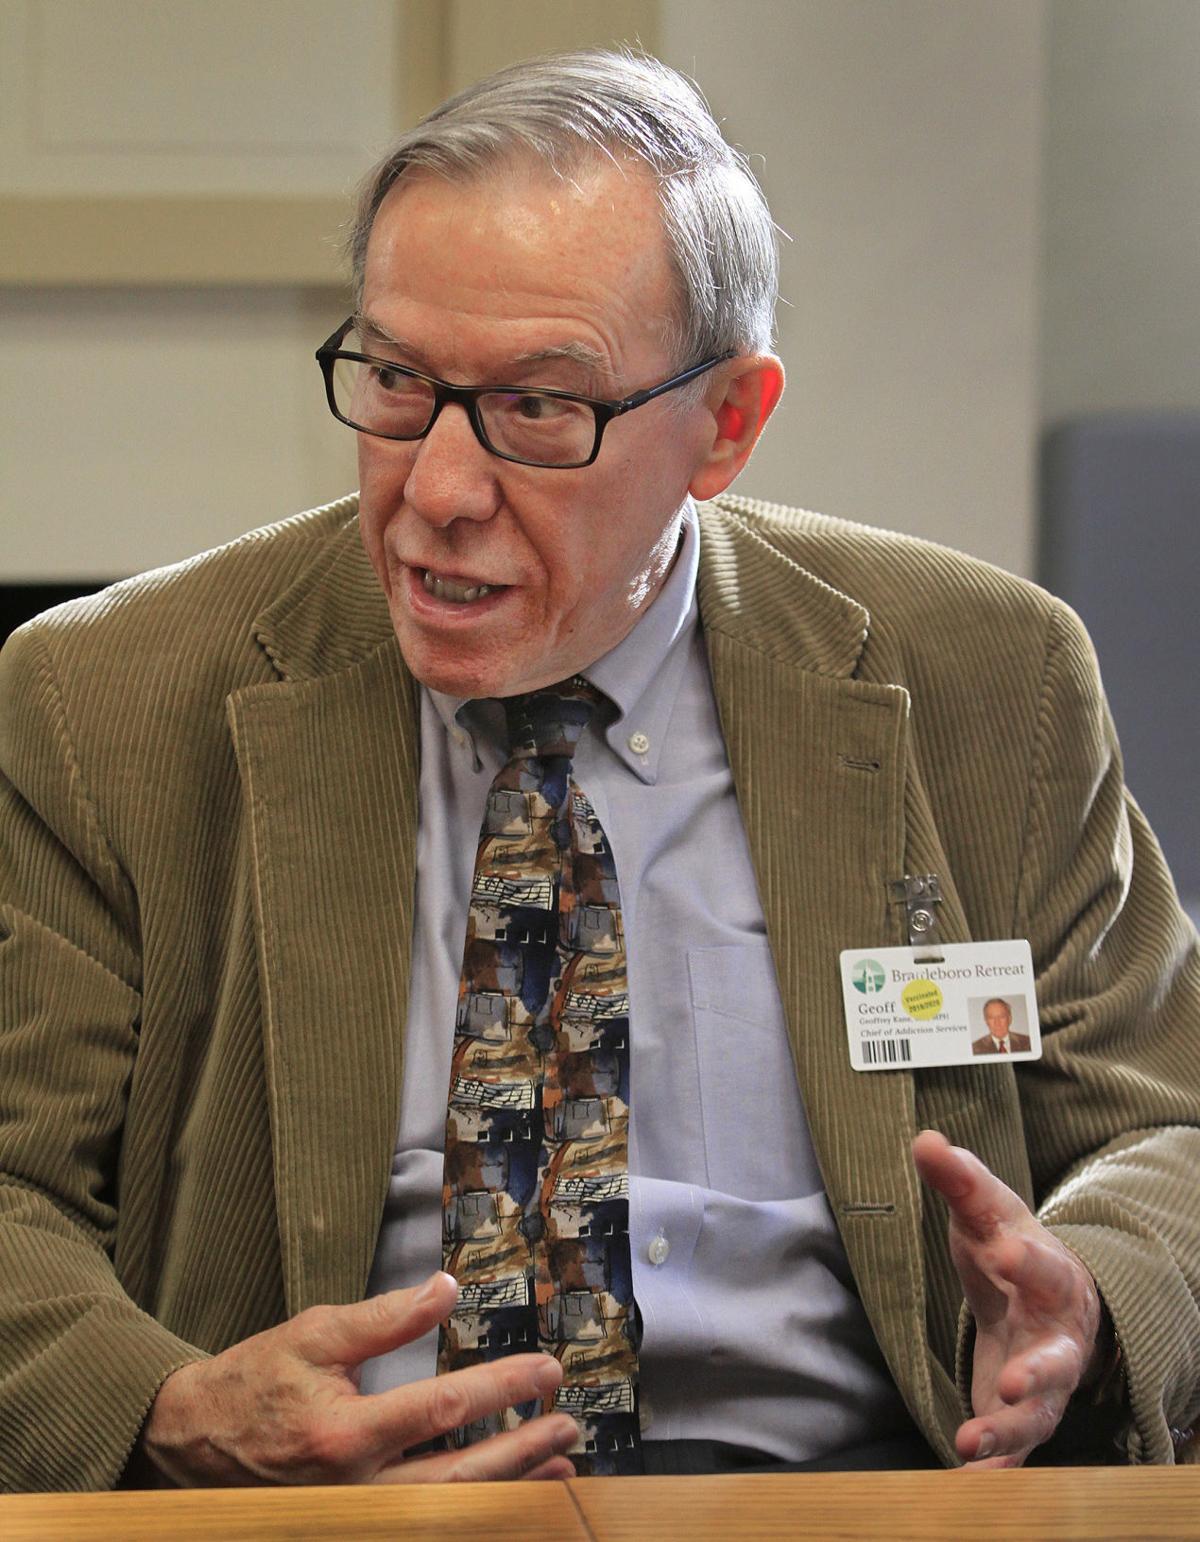 Dr. Geoffrey Kane